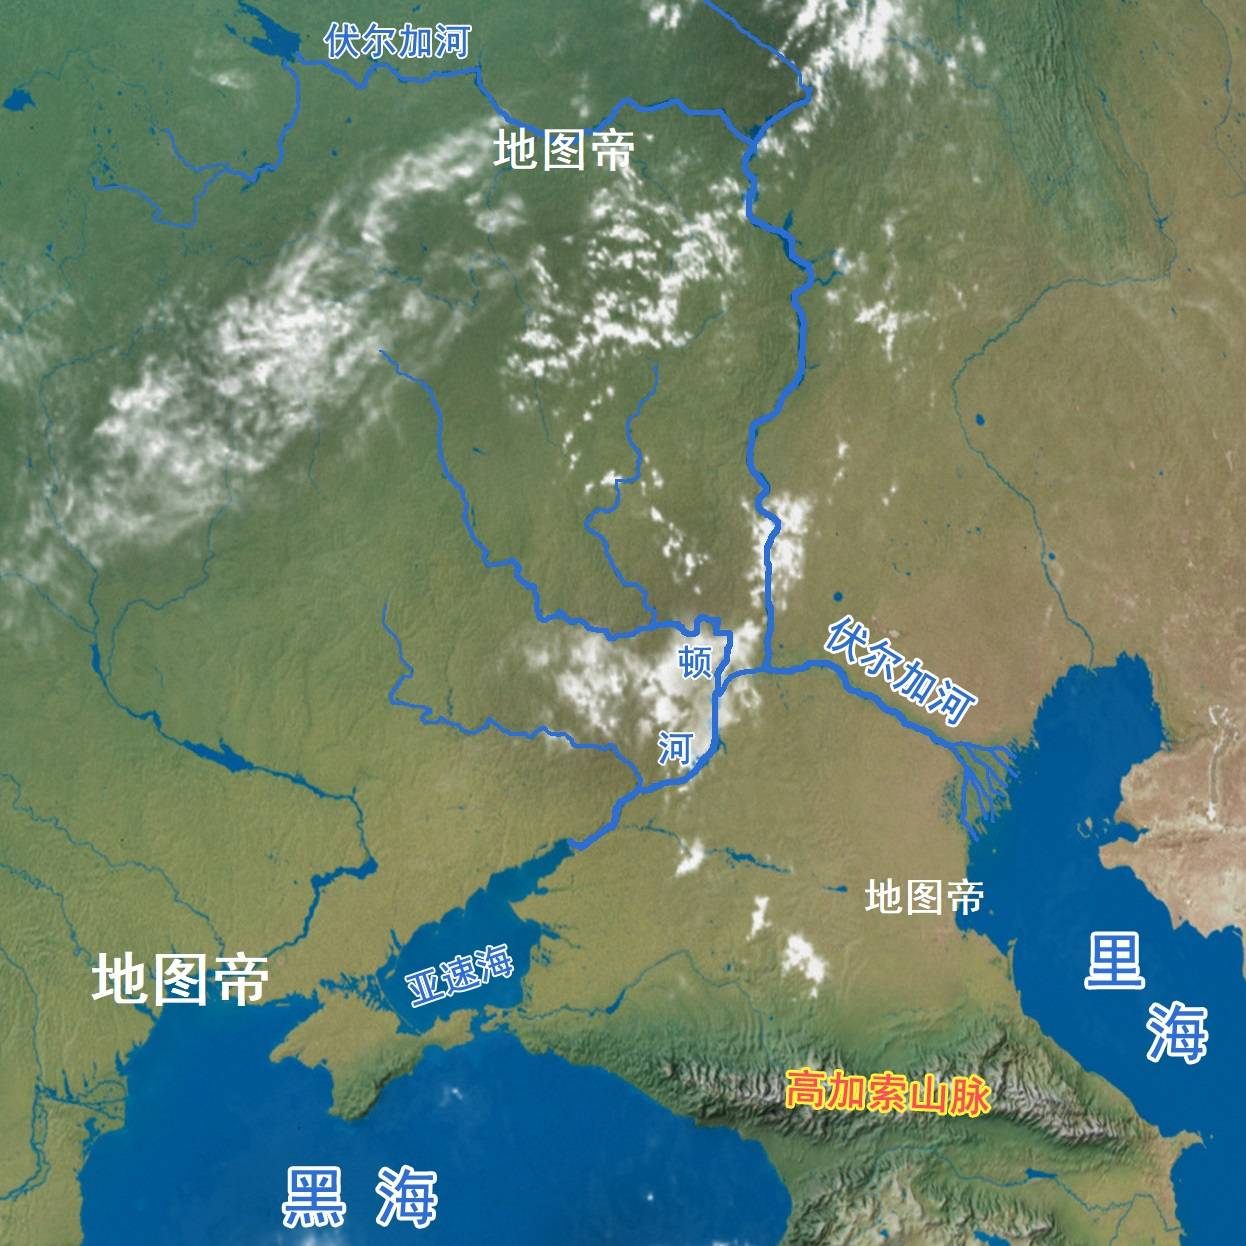 原创            亚洲与欧洲的分界线,是何时东扩到乌拉尔山脉的?